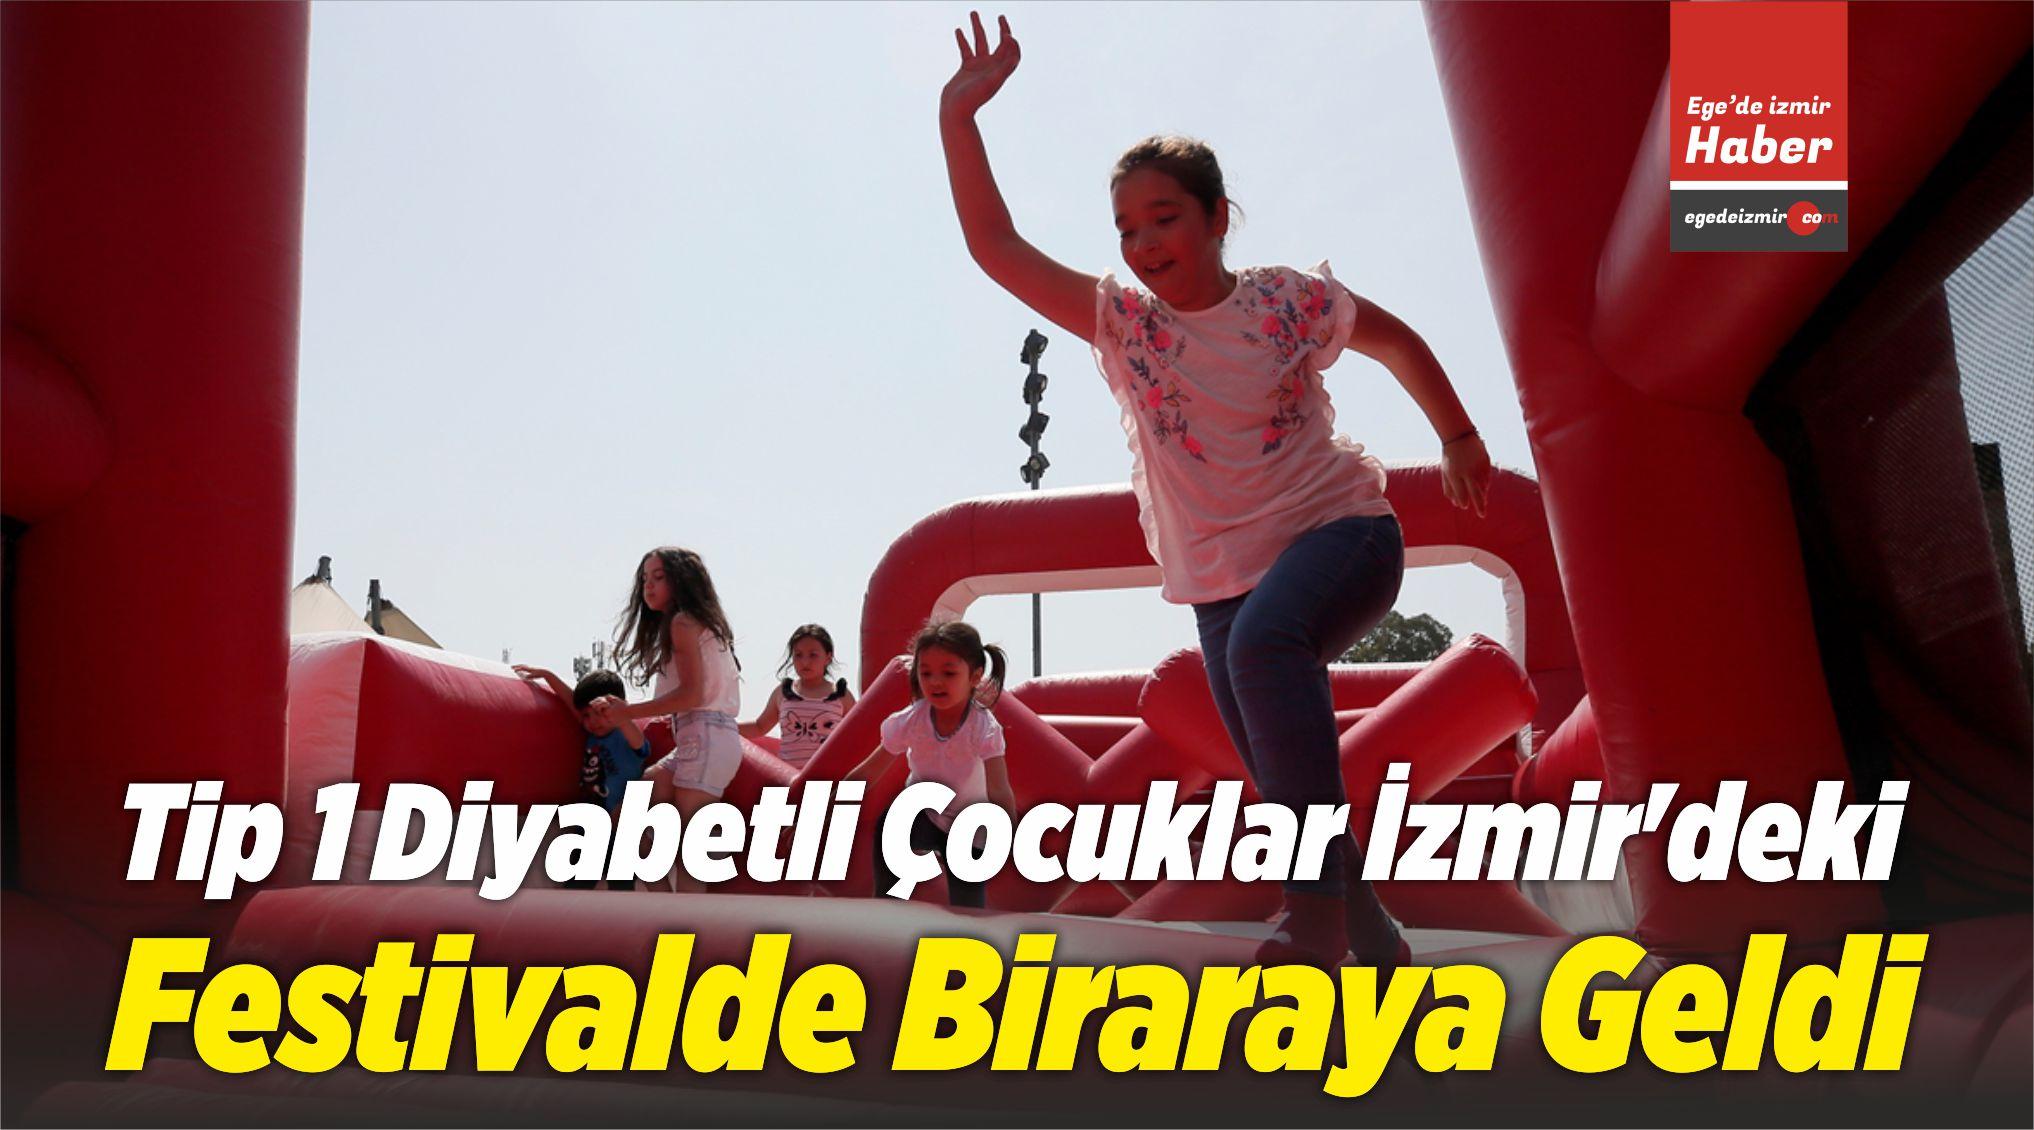 Tip 1 Diyabetli Çocuklar İzmir'deki Festivalde Biraraya Geldi